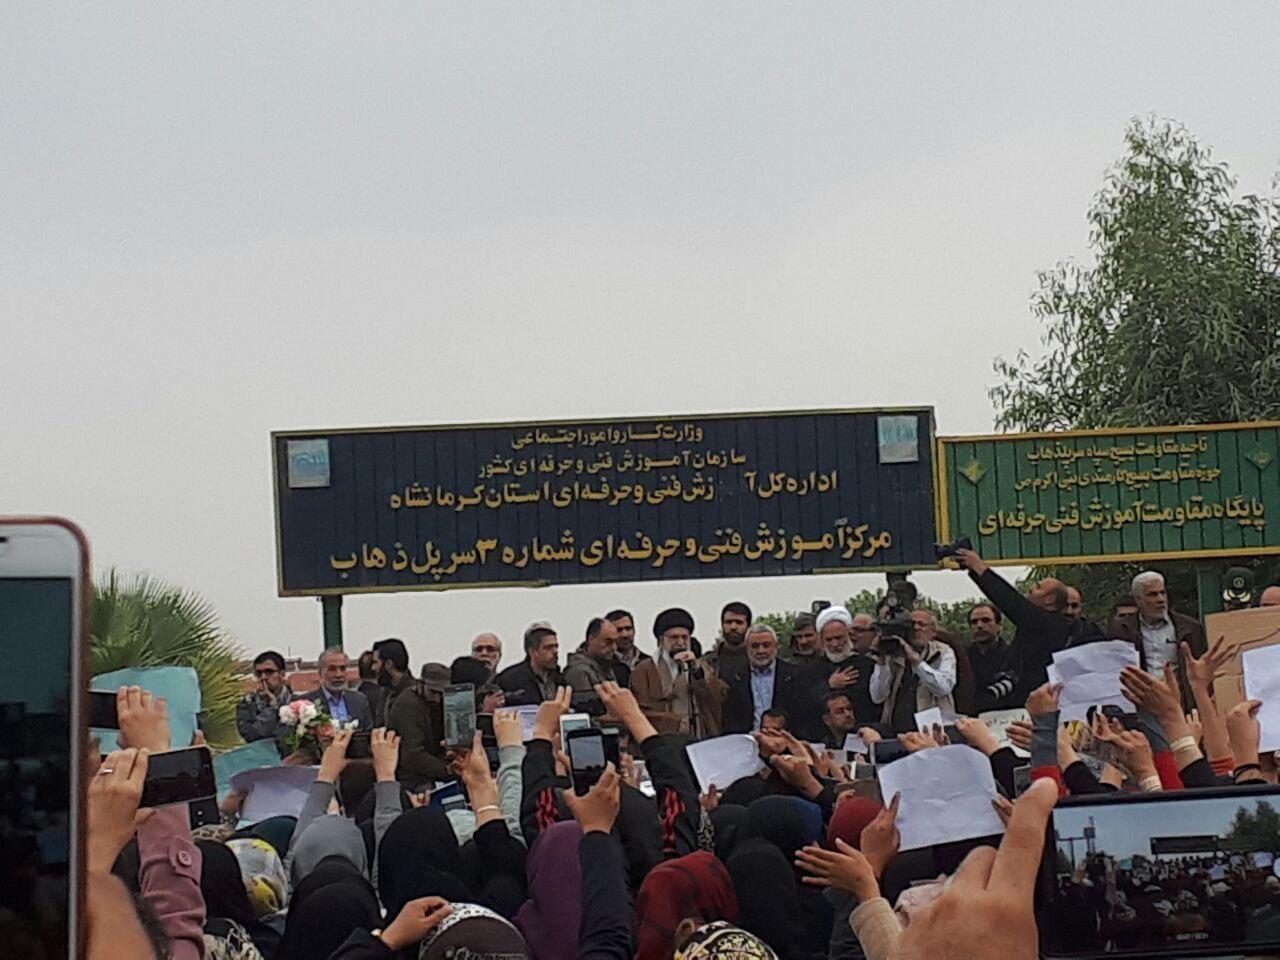 نخستین تصویر از حضور سرزده رهبر معظم انقلاب در مناطق زلزله زده (عکس)